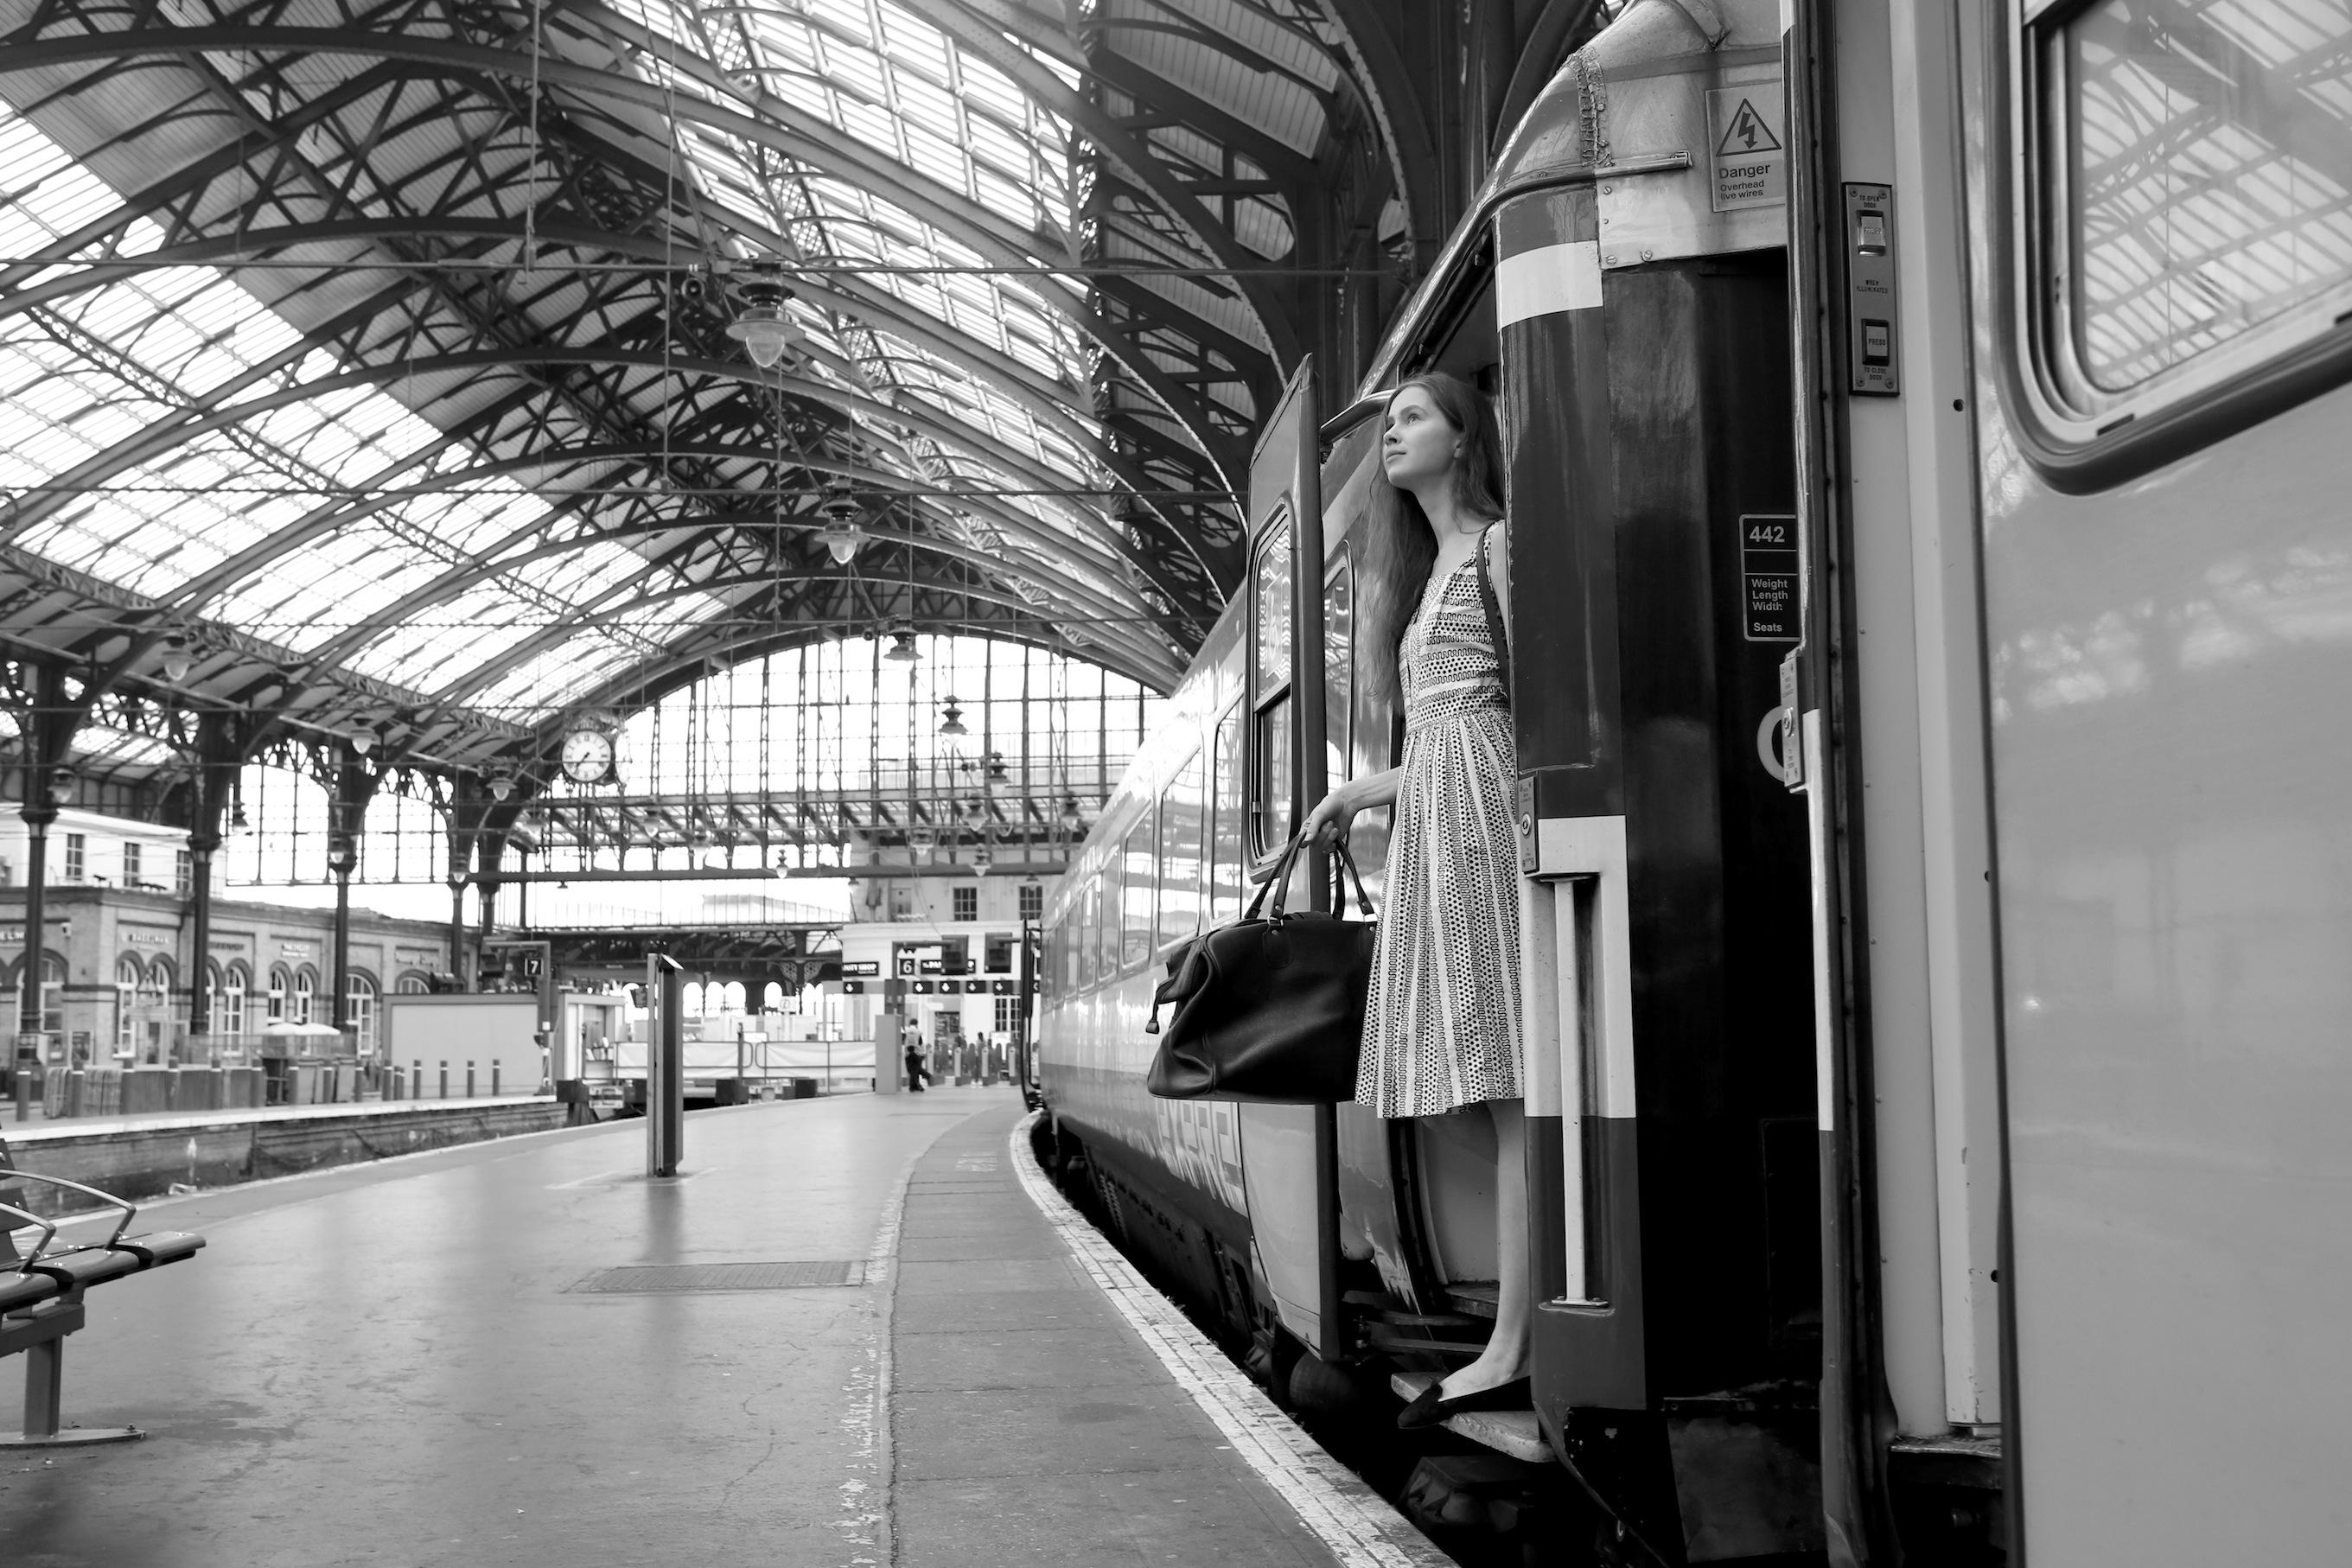 Brighton edditorial & Homepage copy